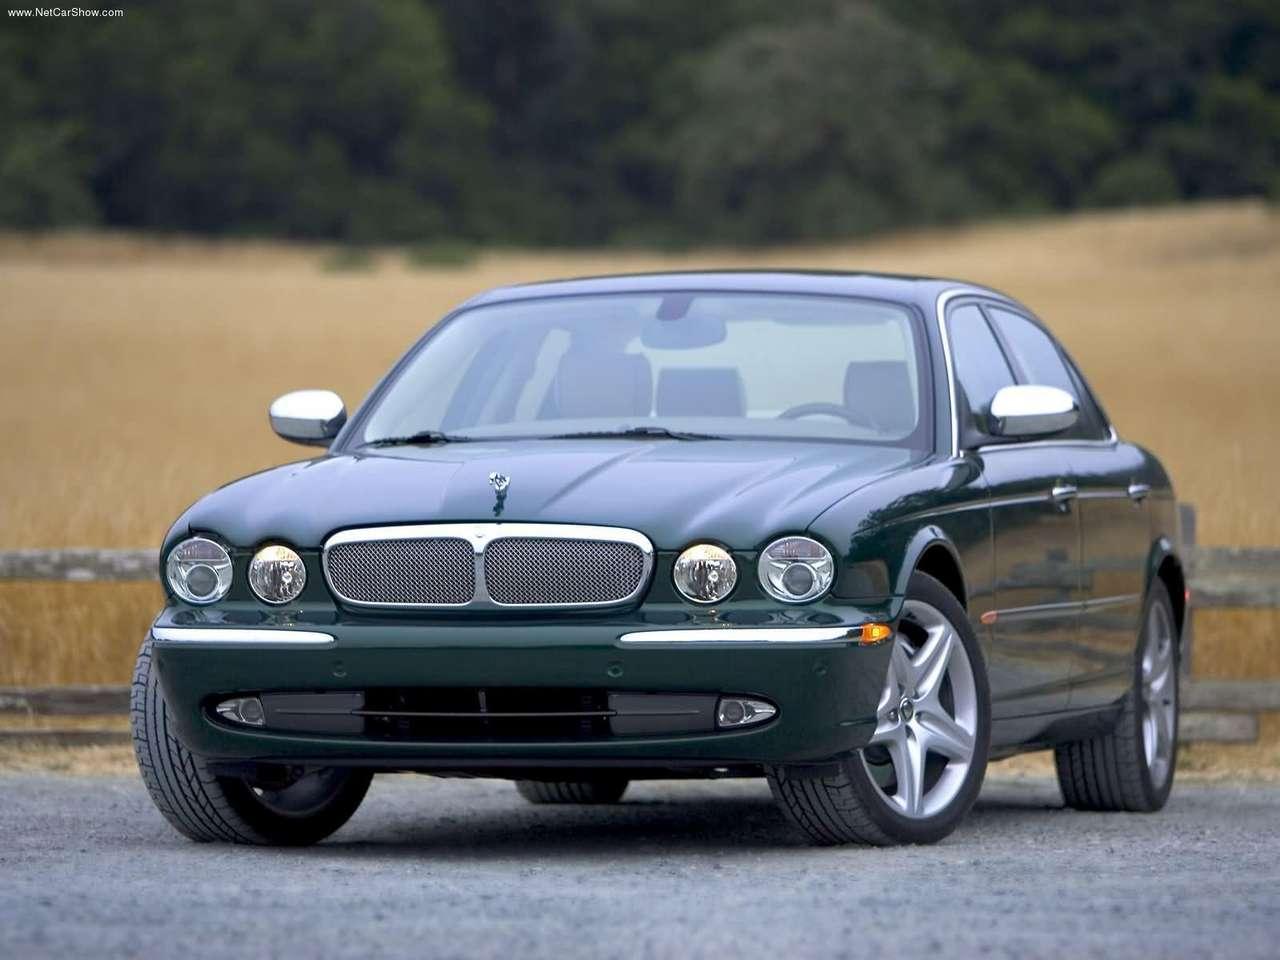 http://2.bp.blogspot.com/-L9Vrqz5sFm0/TZlj73KjNCI/AAAAAAAACgc/-KLVOA6fn58/s1600/Jaguar-XJ_Super_V8_2005_1280x960_wallpaper_03.jpg